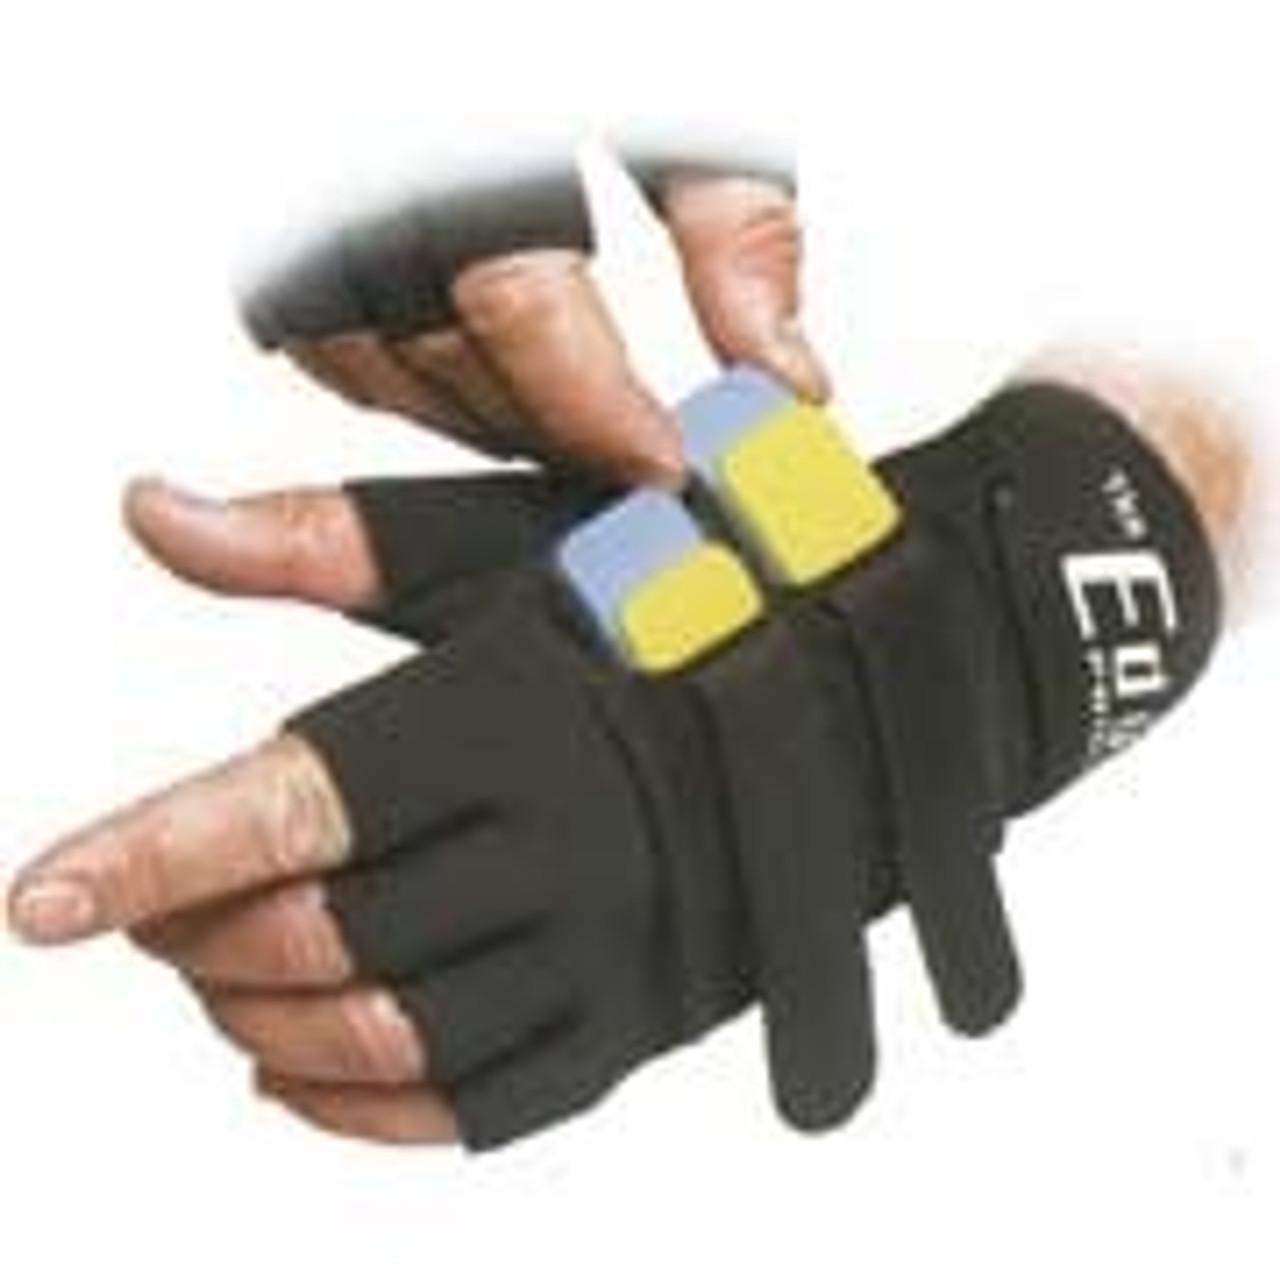 PalmGard Wrist Gard Protective Wrist Bands PAIR